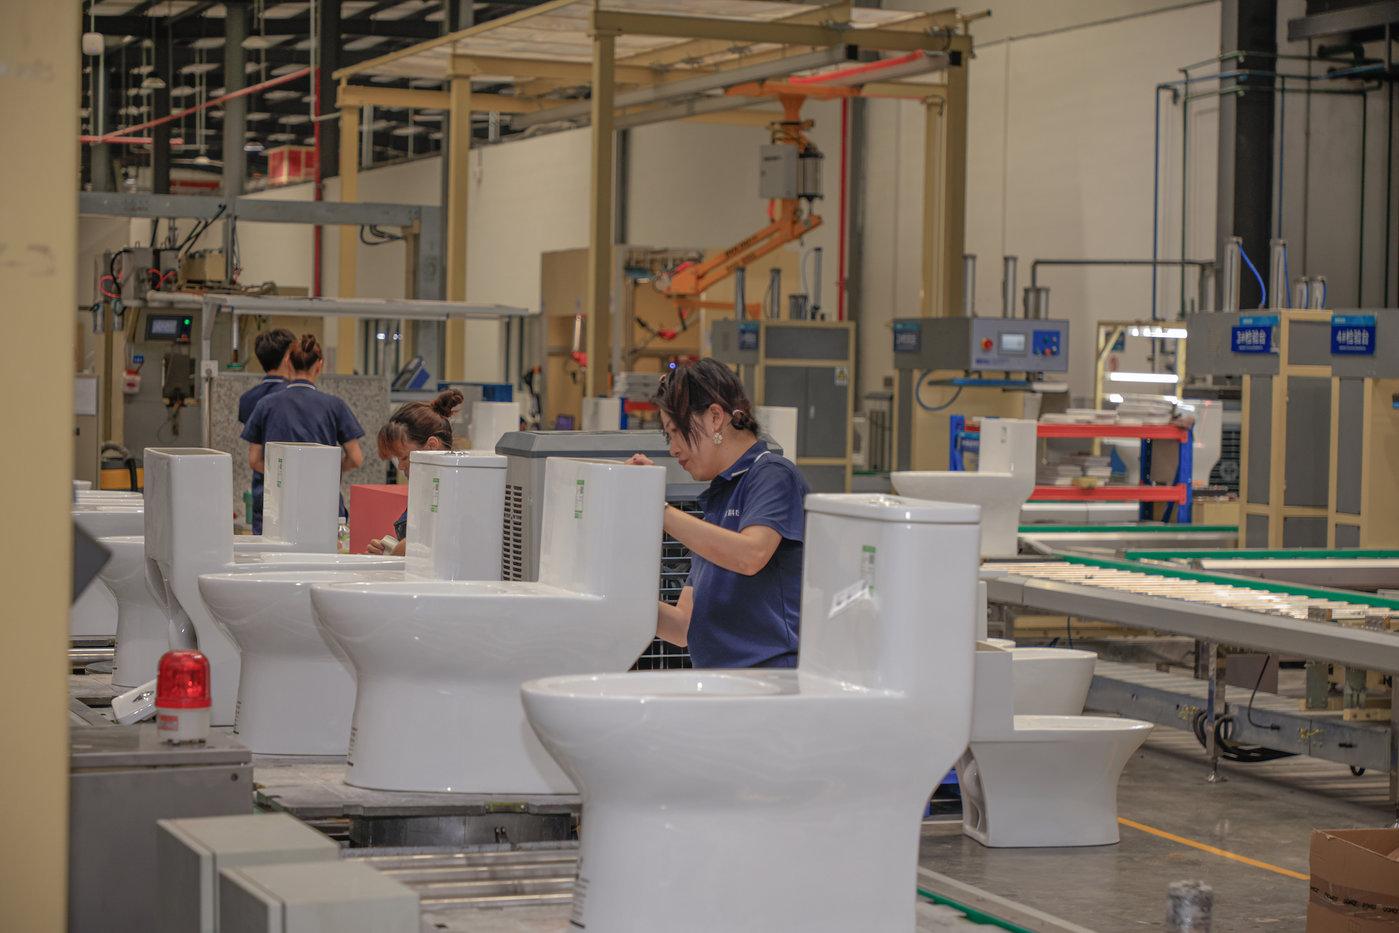 工人正在做包装前的工作